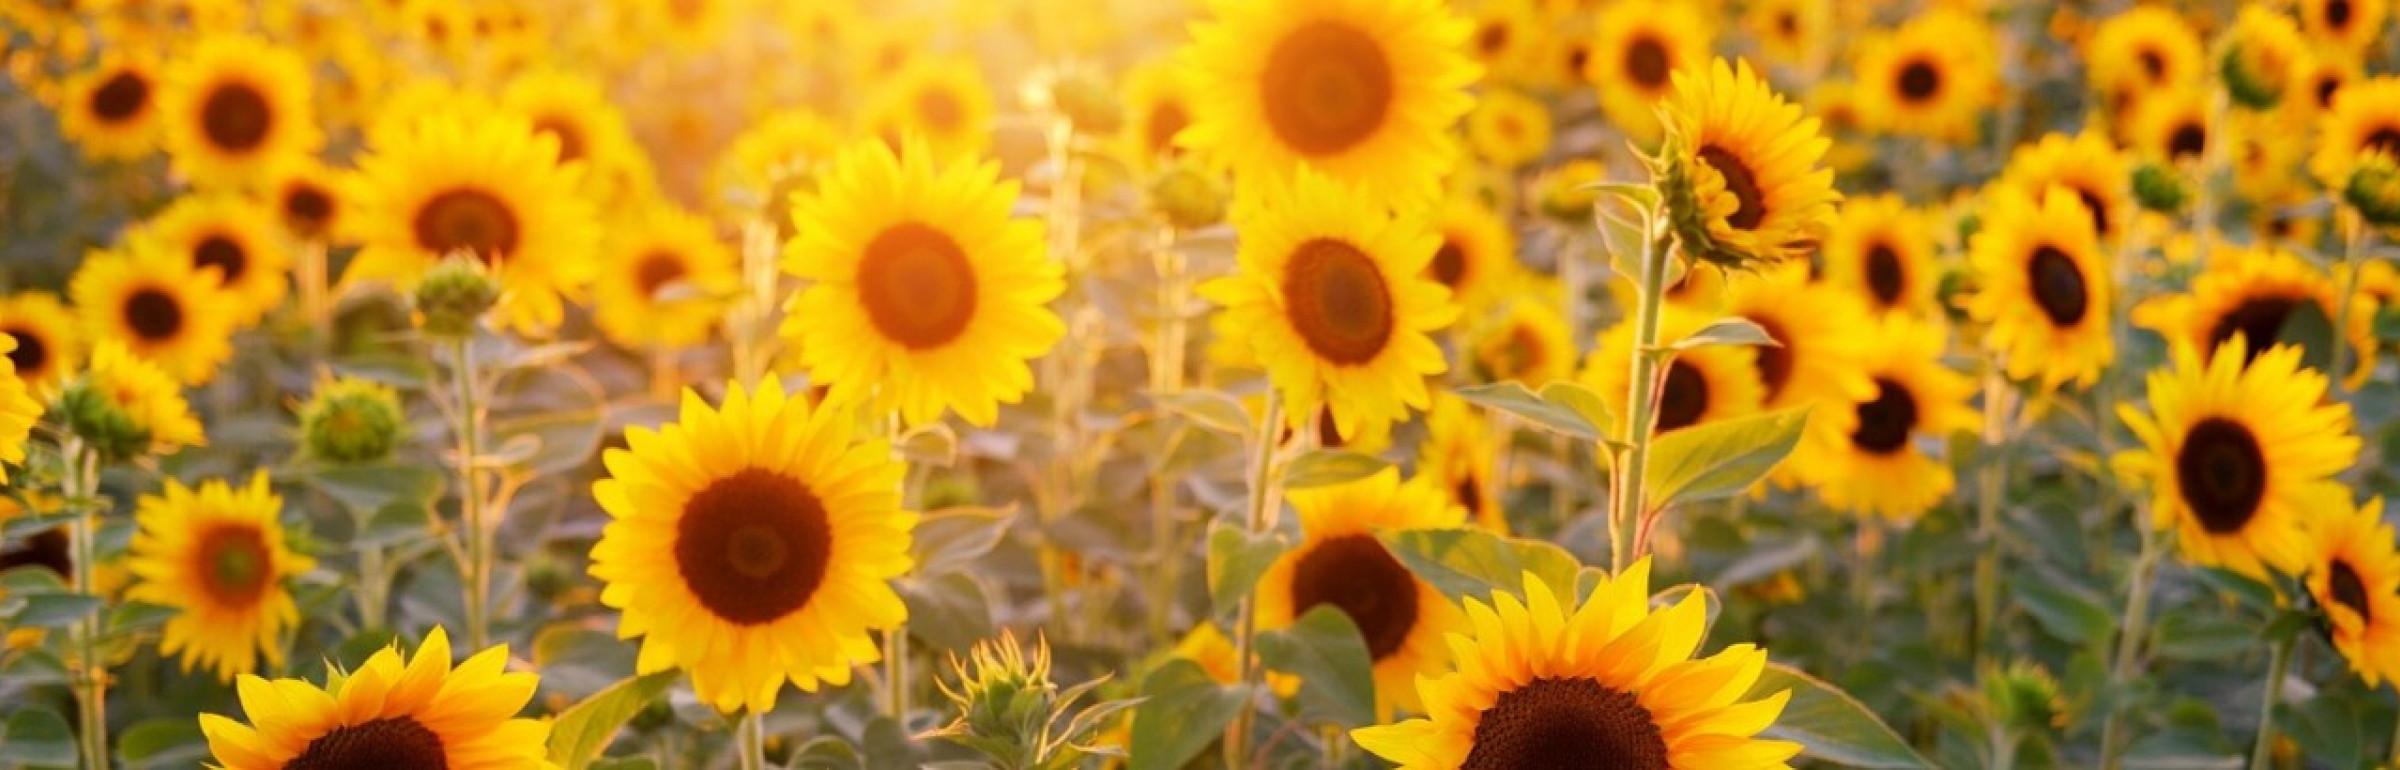 Banner Gaertnerei Sunflower s.à r.l.